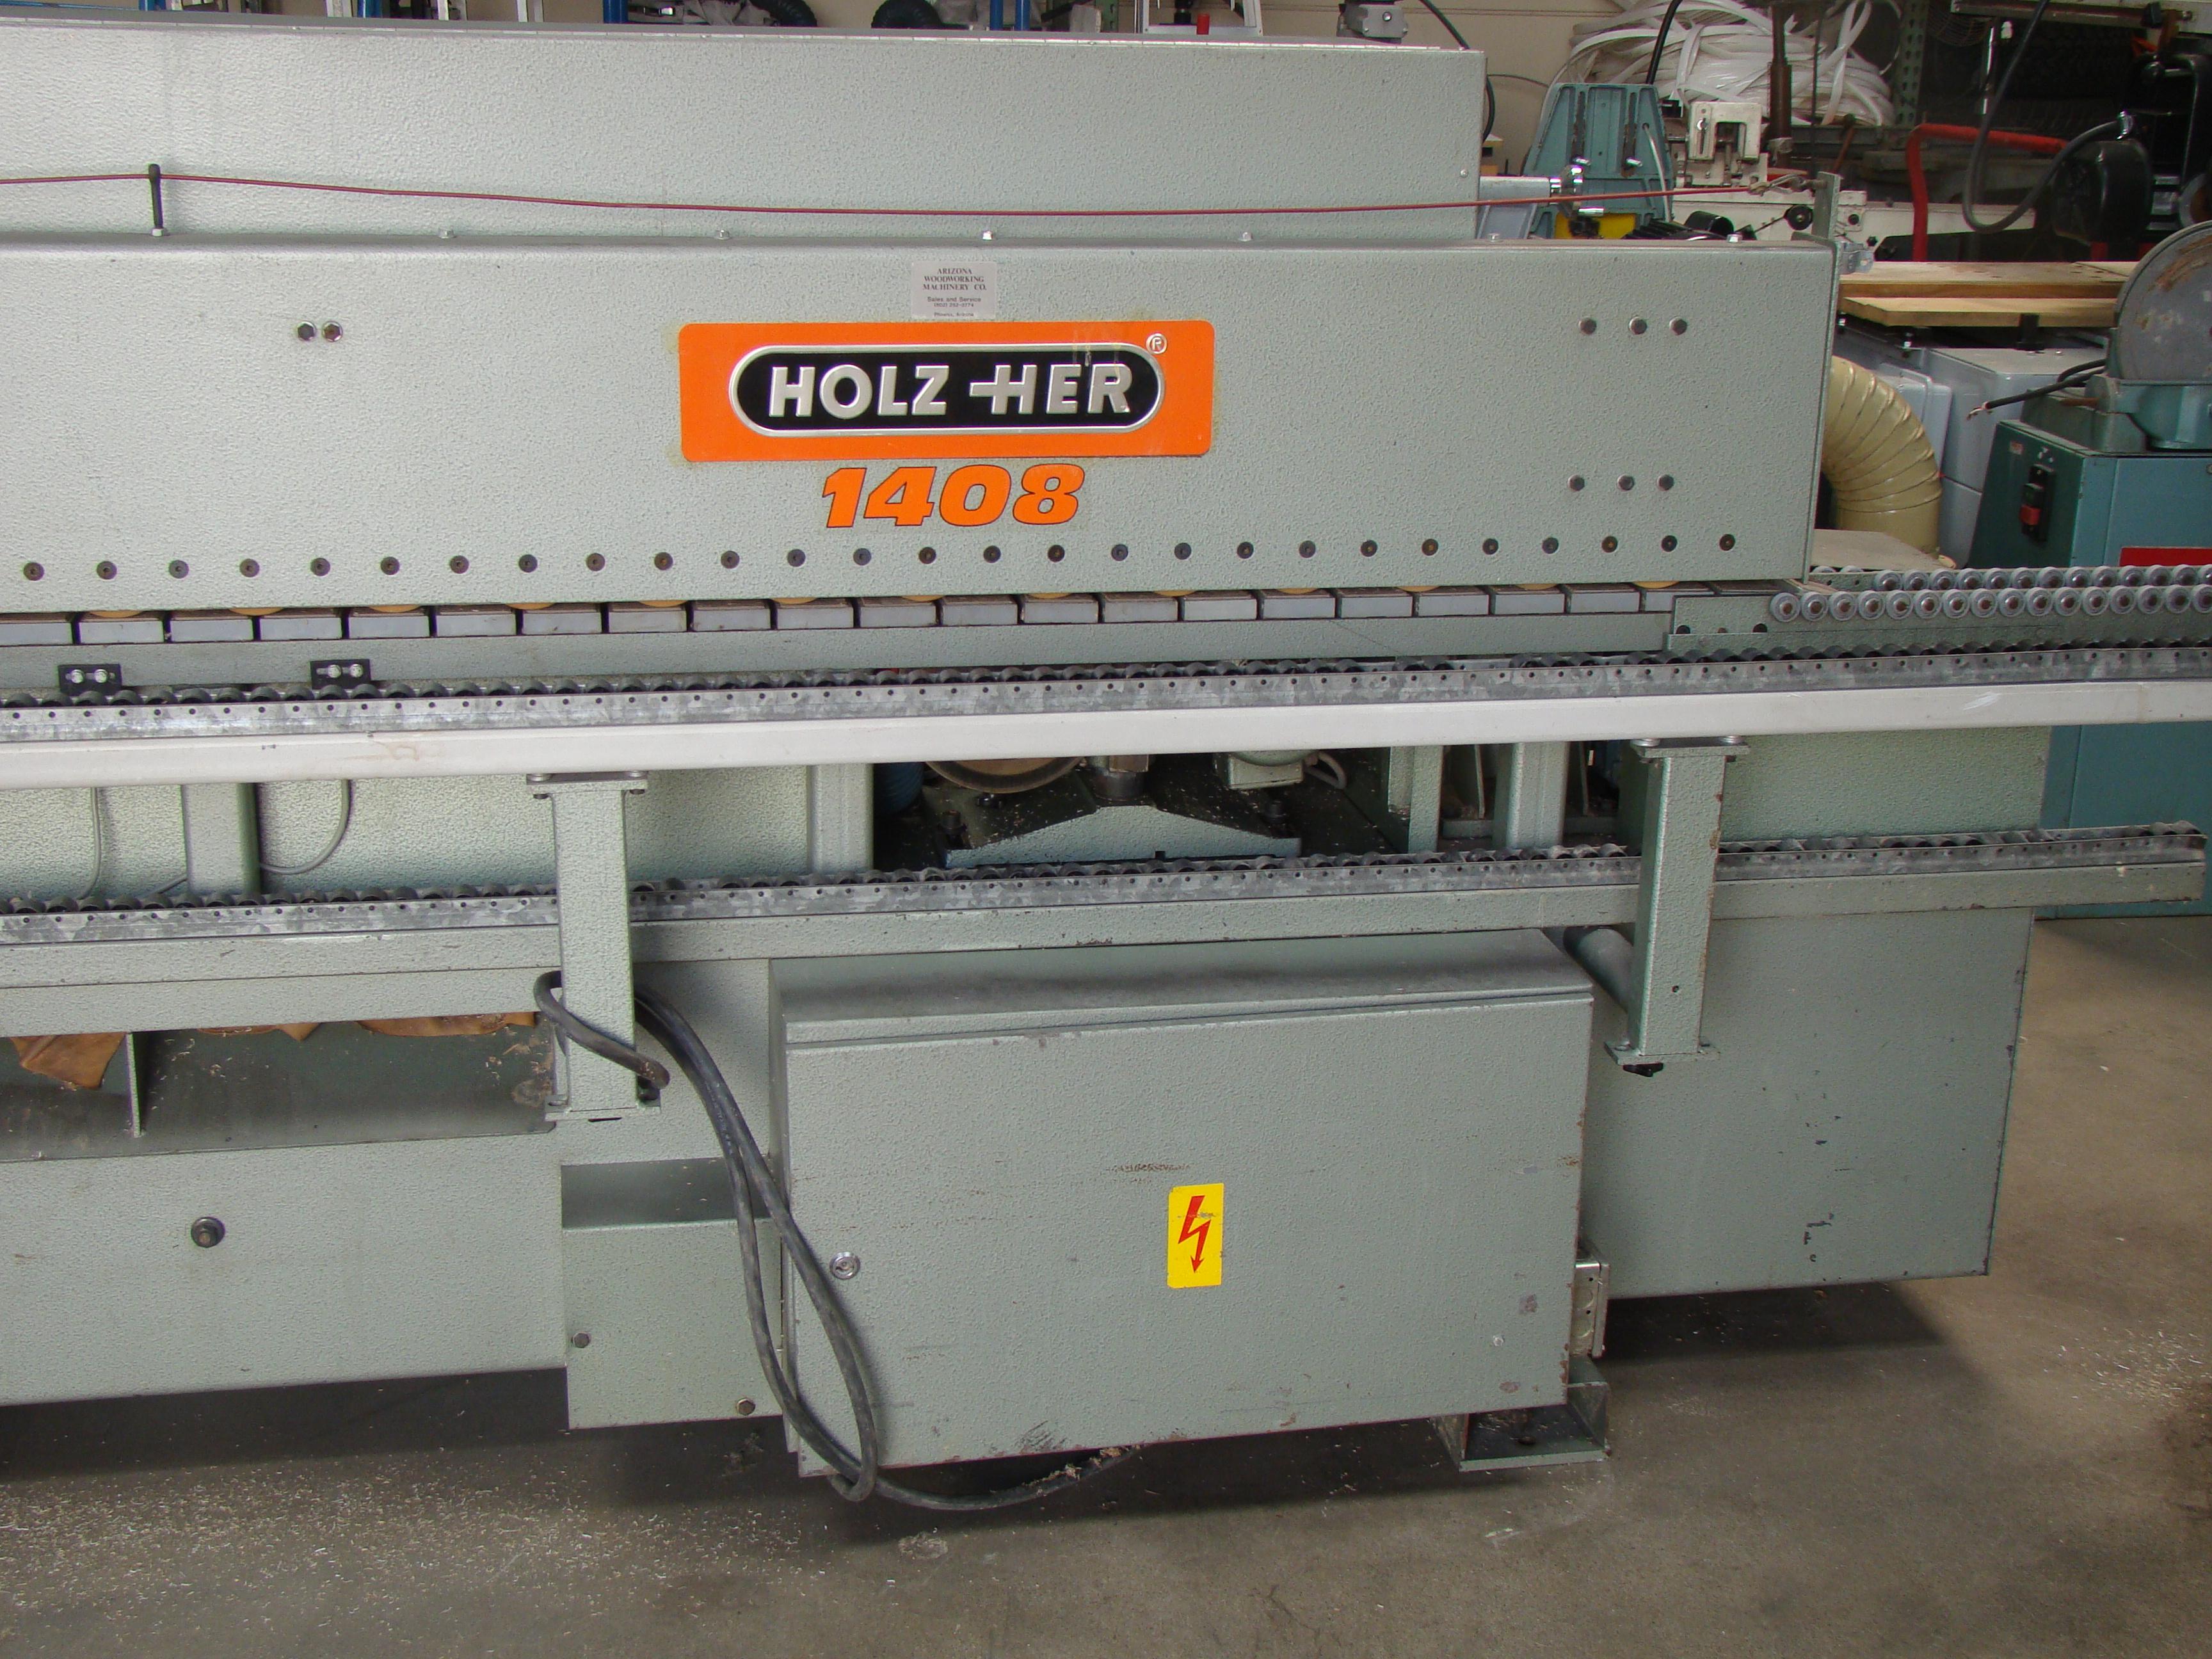 Holz-Her Edge Bander 1408 Pressure Roller, Uses GluJet, End trim stations, Flush/Bevel Scraper, - Image 3 of 10